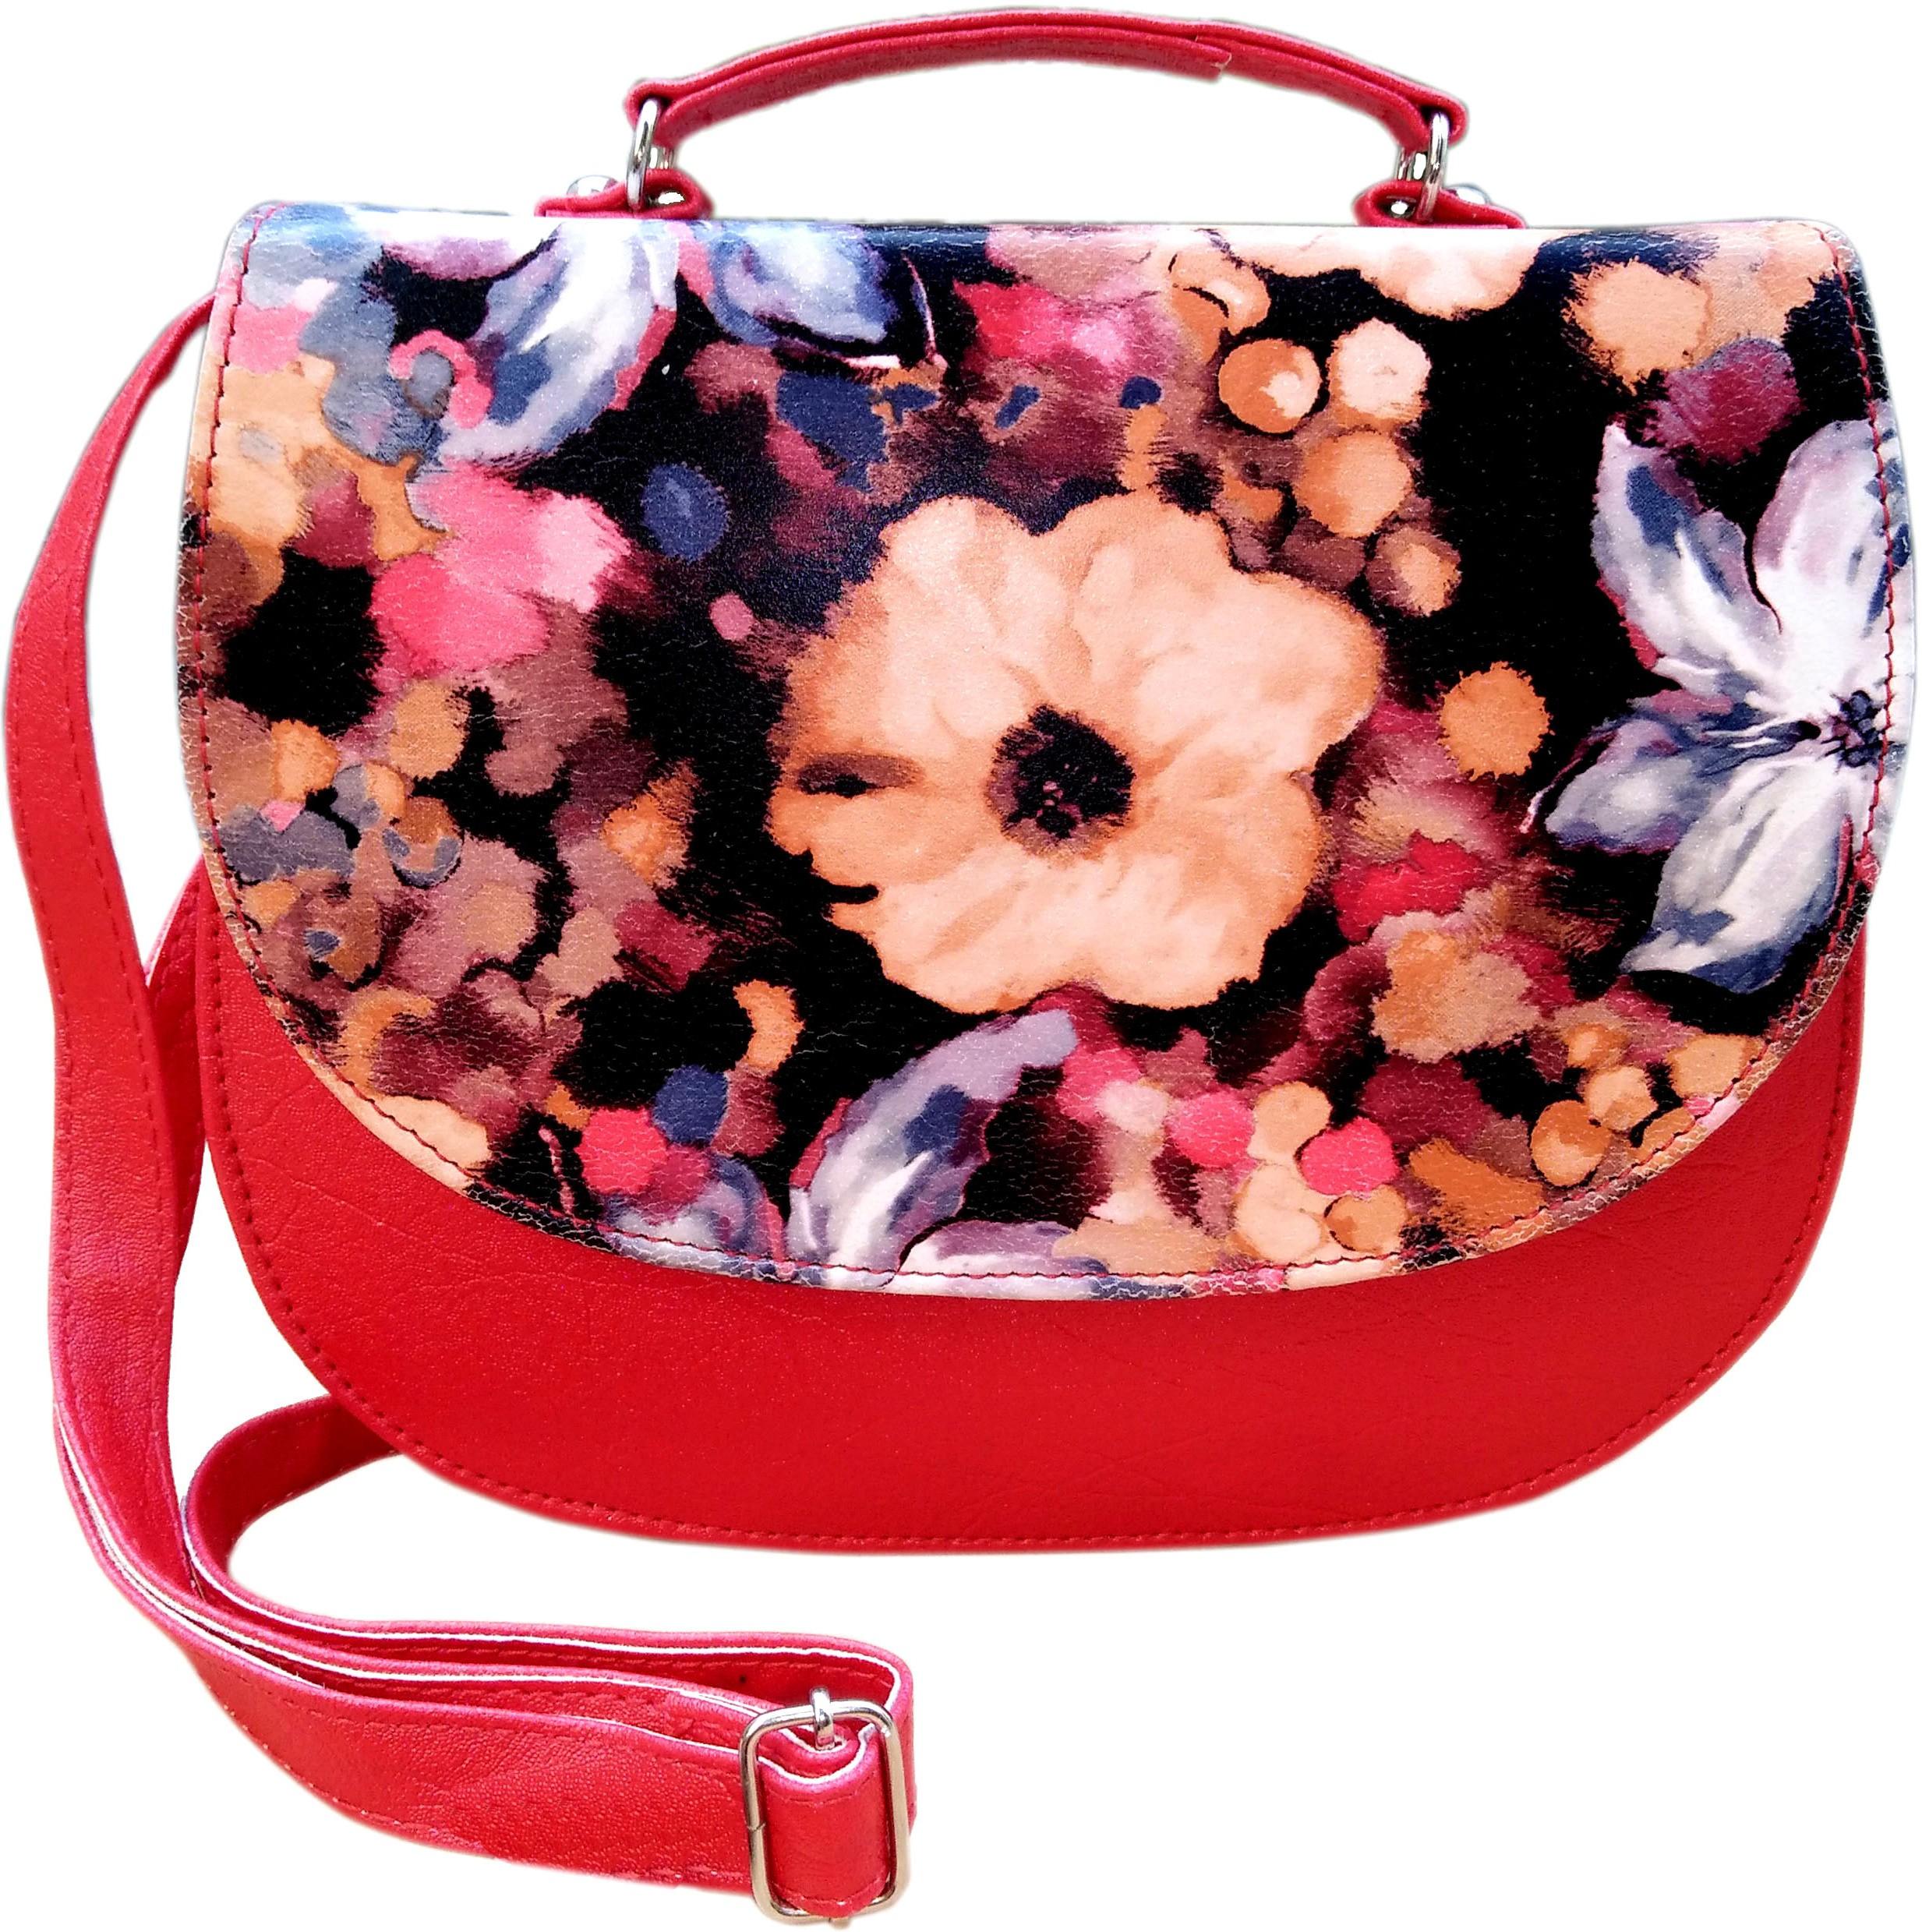 Sling bag below 500 - Madash Girls Multicolor Genuine Leather Sling Bag